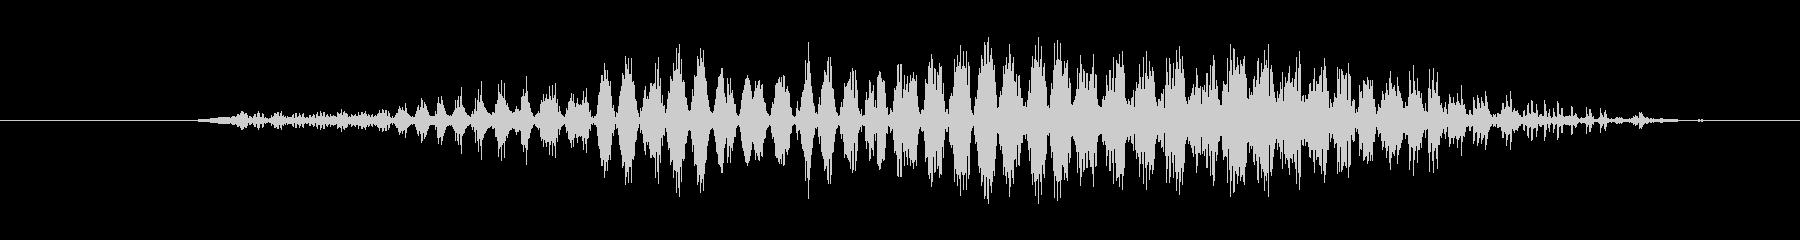 モンスター ペインフルクライハイ06の未再生の波形